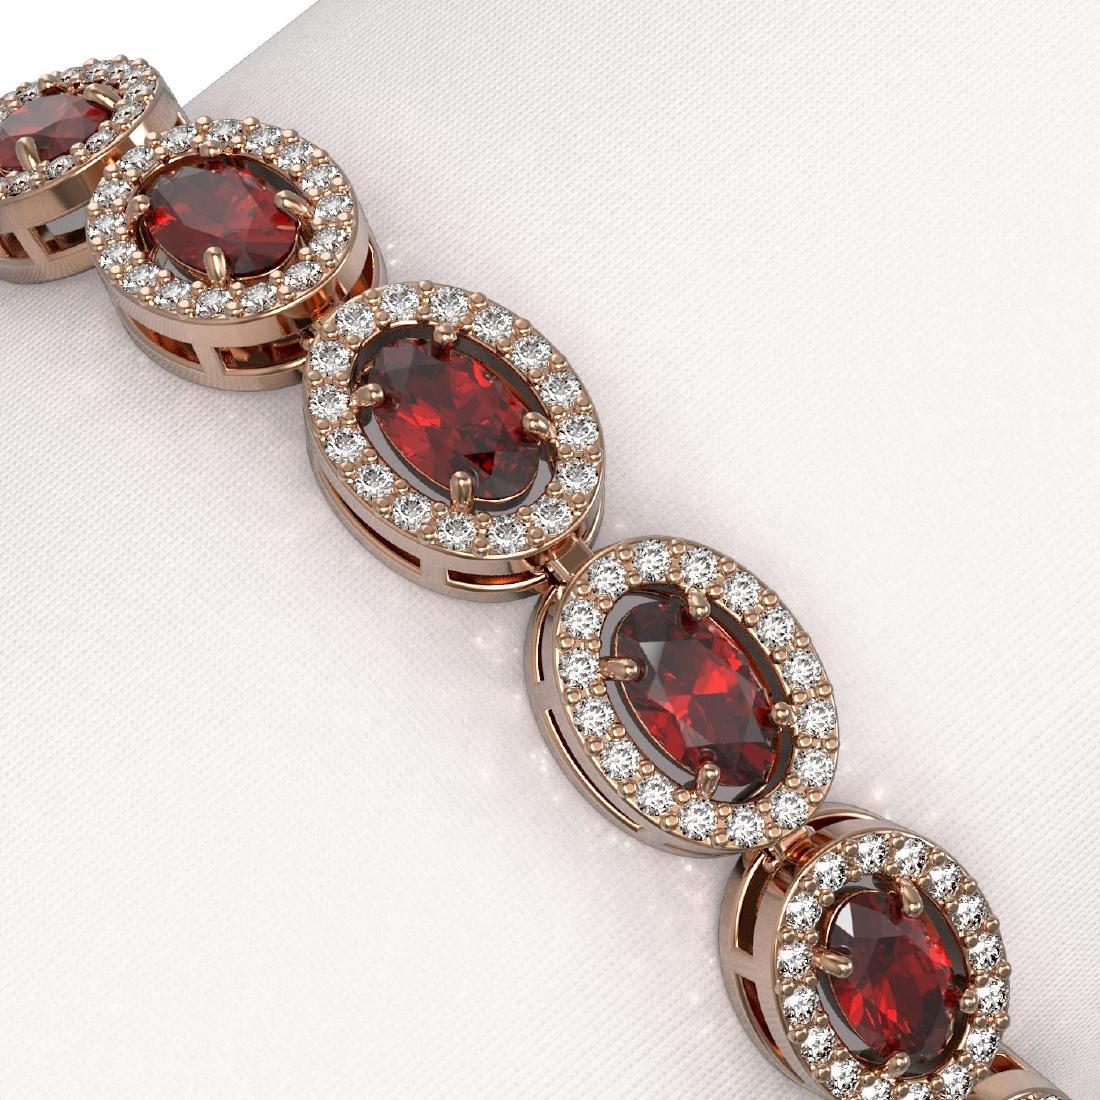 10.11 CTW Garnet & Diamond Halo Bracelet 10K Rose Gold - 3